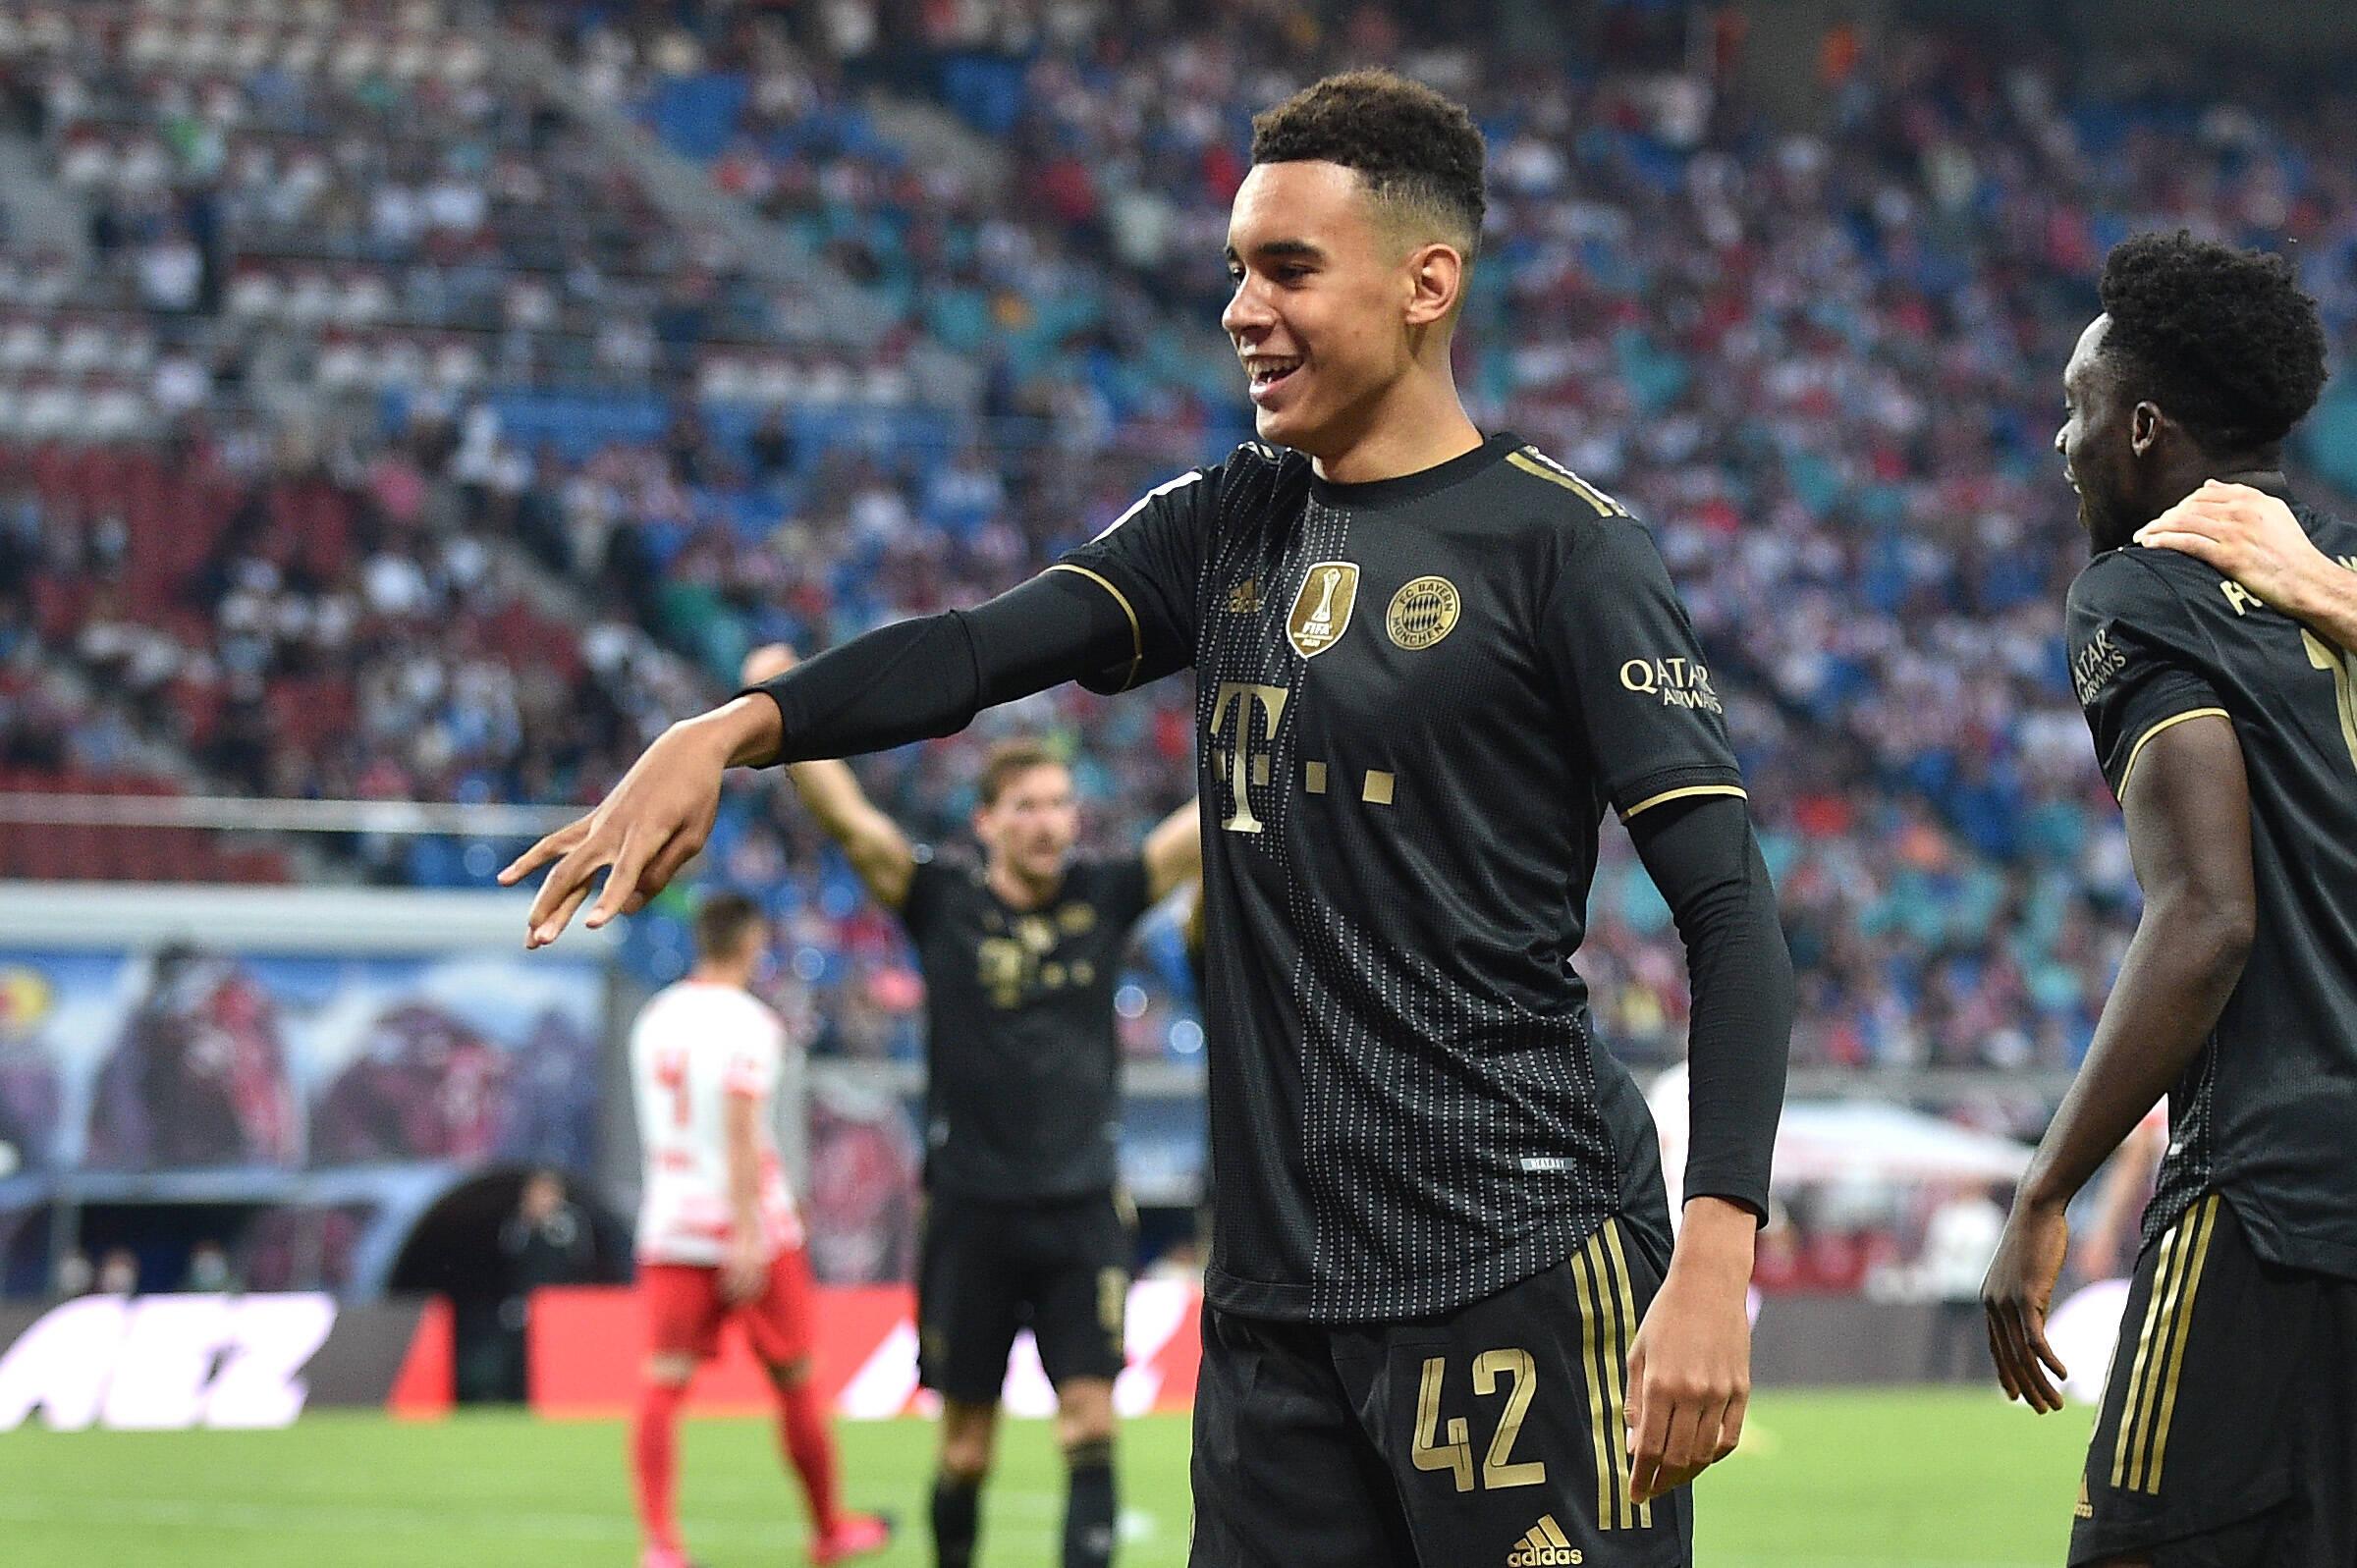 Las grandes actuaciones de Musiala piden paso en el FC Bayern. Foto: Imago